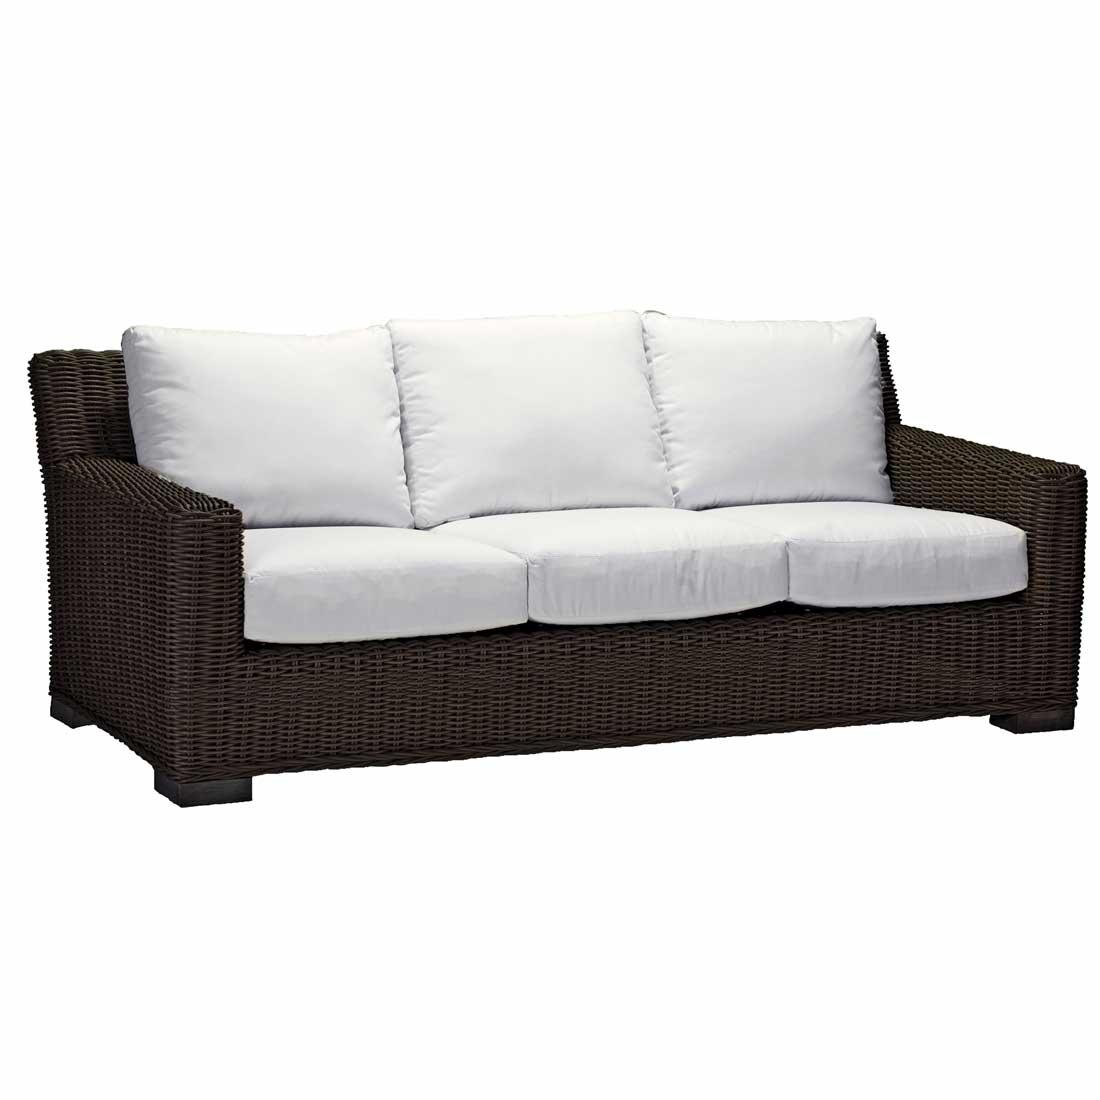 rustic Sofa - Dimensions: W81.25 D38 H30.75